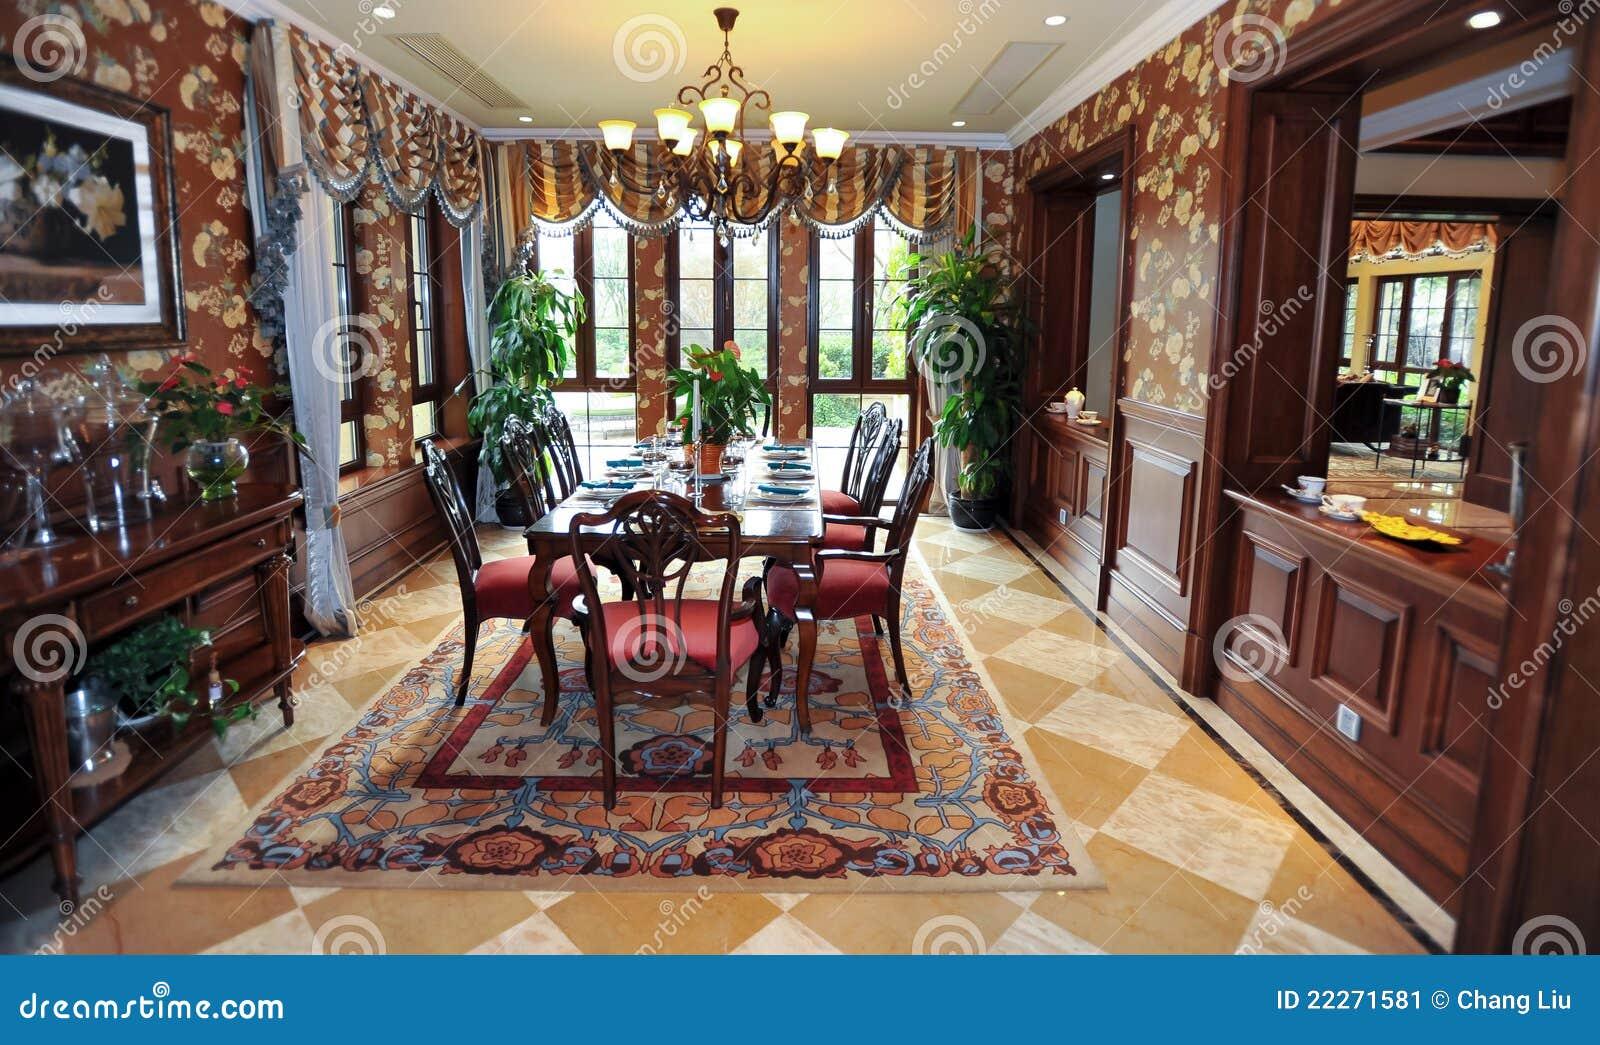 Klassisches Esszimmer In Einem Landhaus Stockbild - Bild von sauber, laminat: 22271581